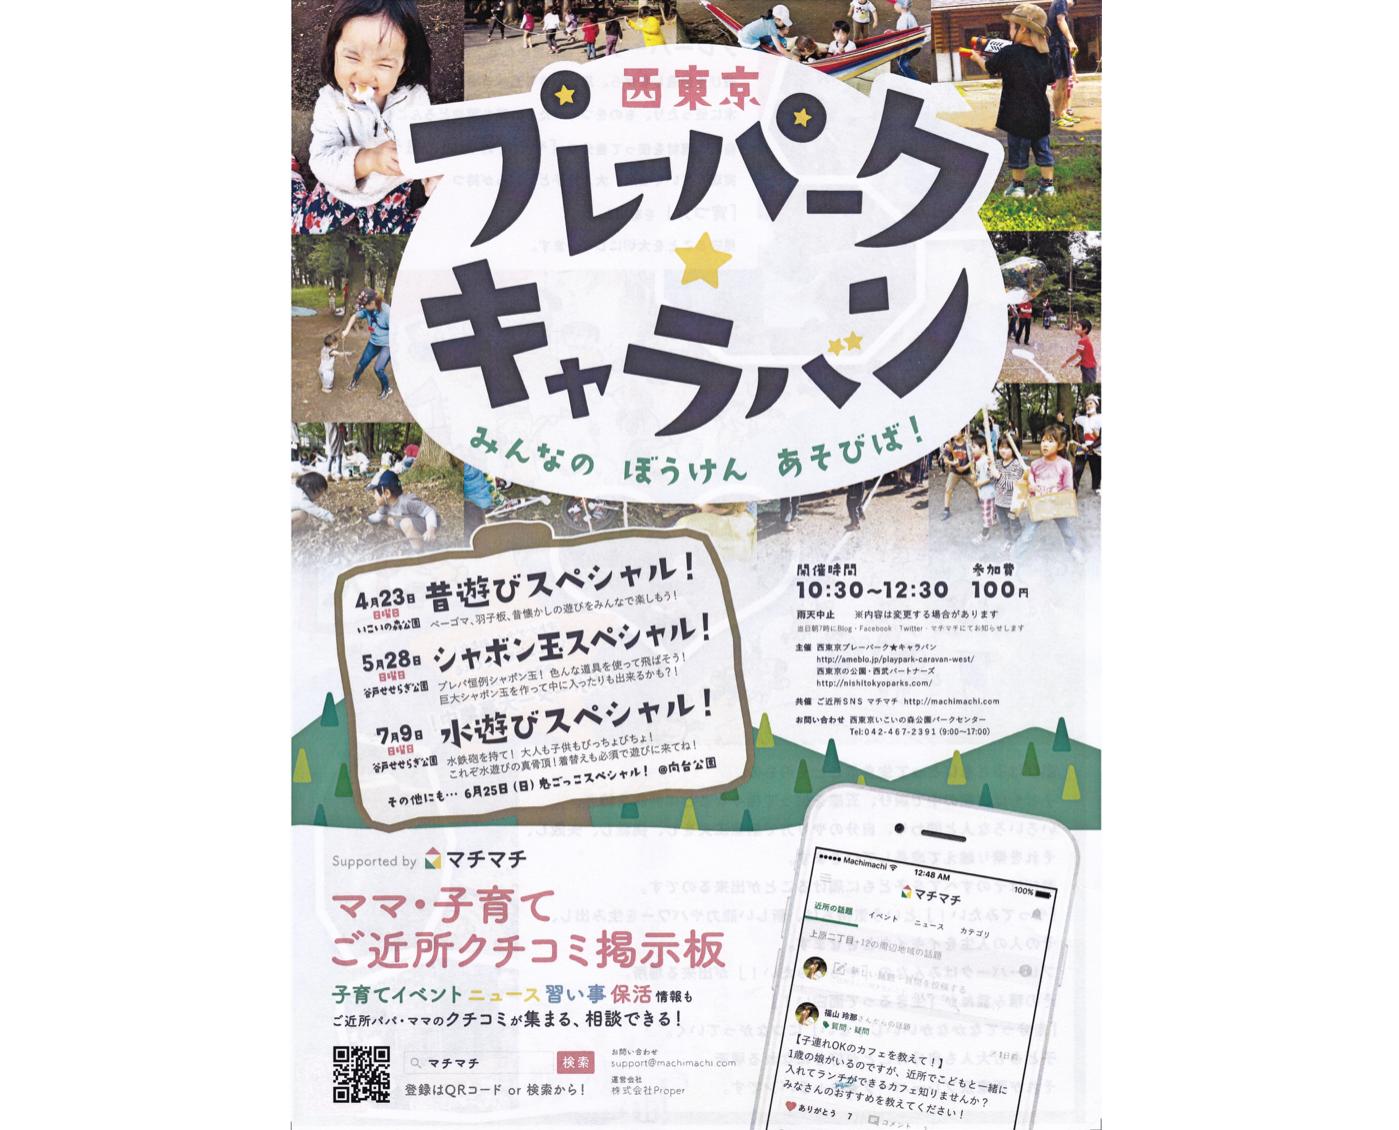 【西東京市緑町・イベント】西東京プレーパーク★キャラバン in いこいの森公園♪